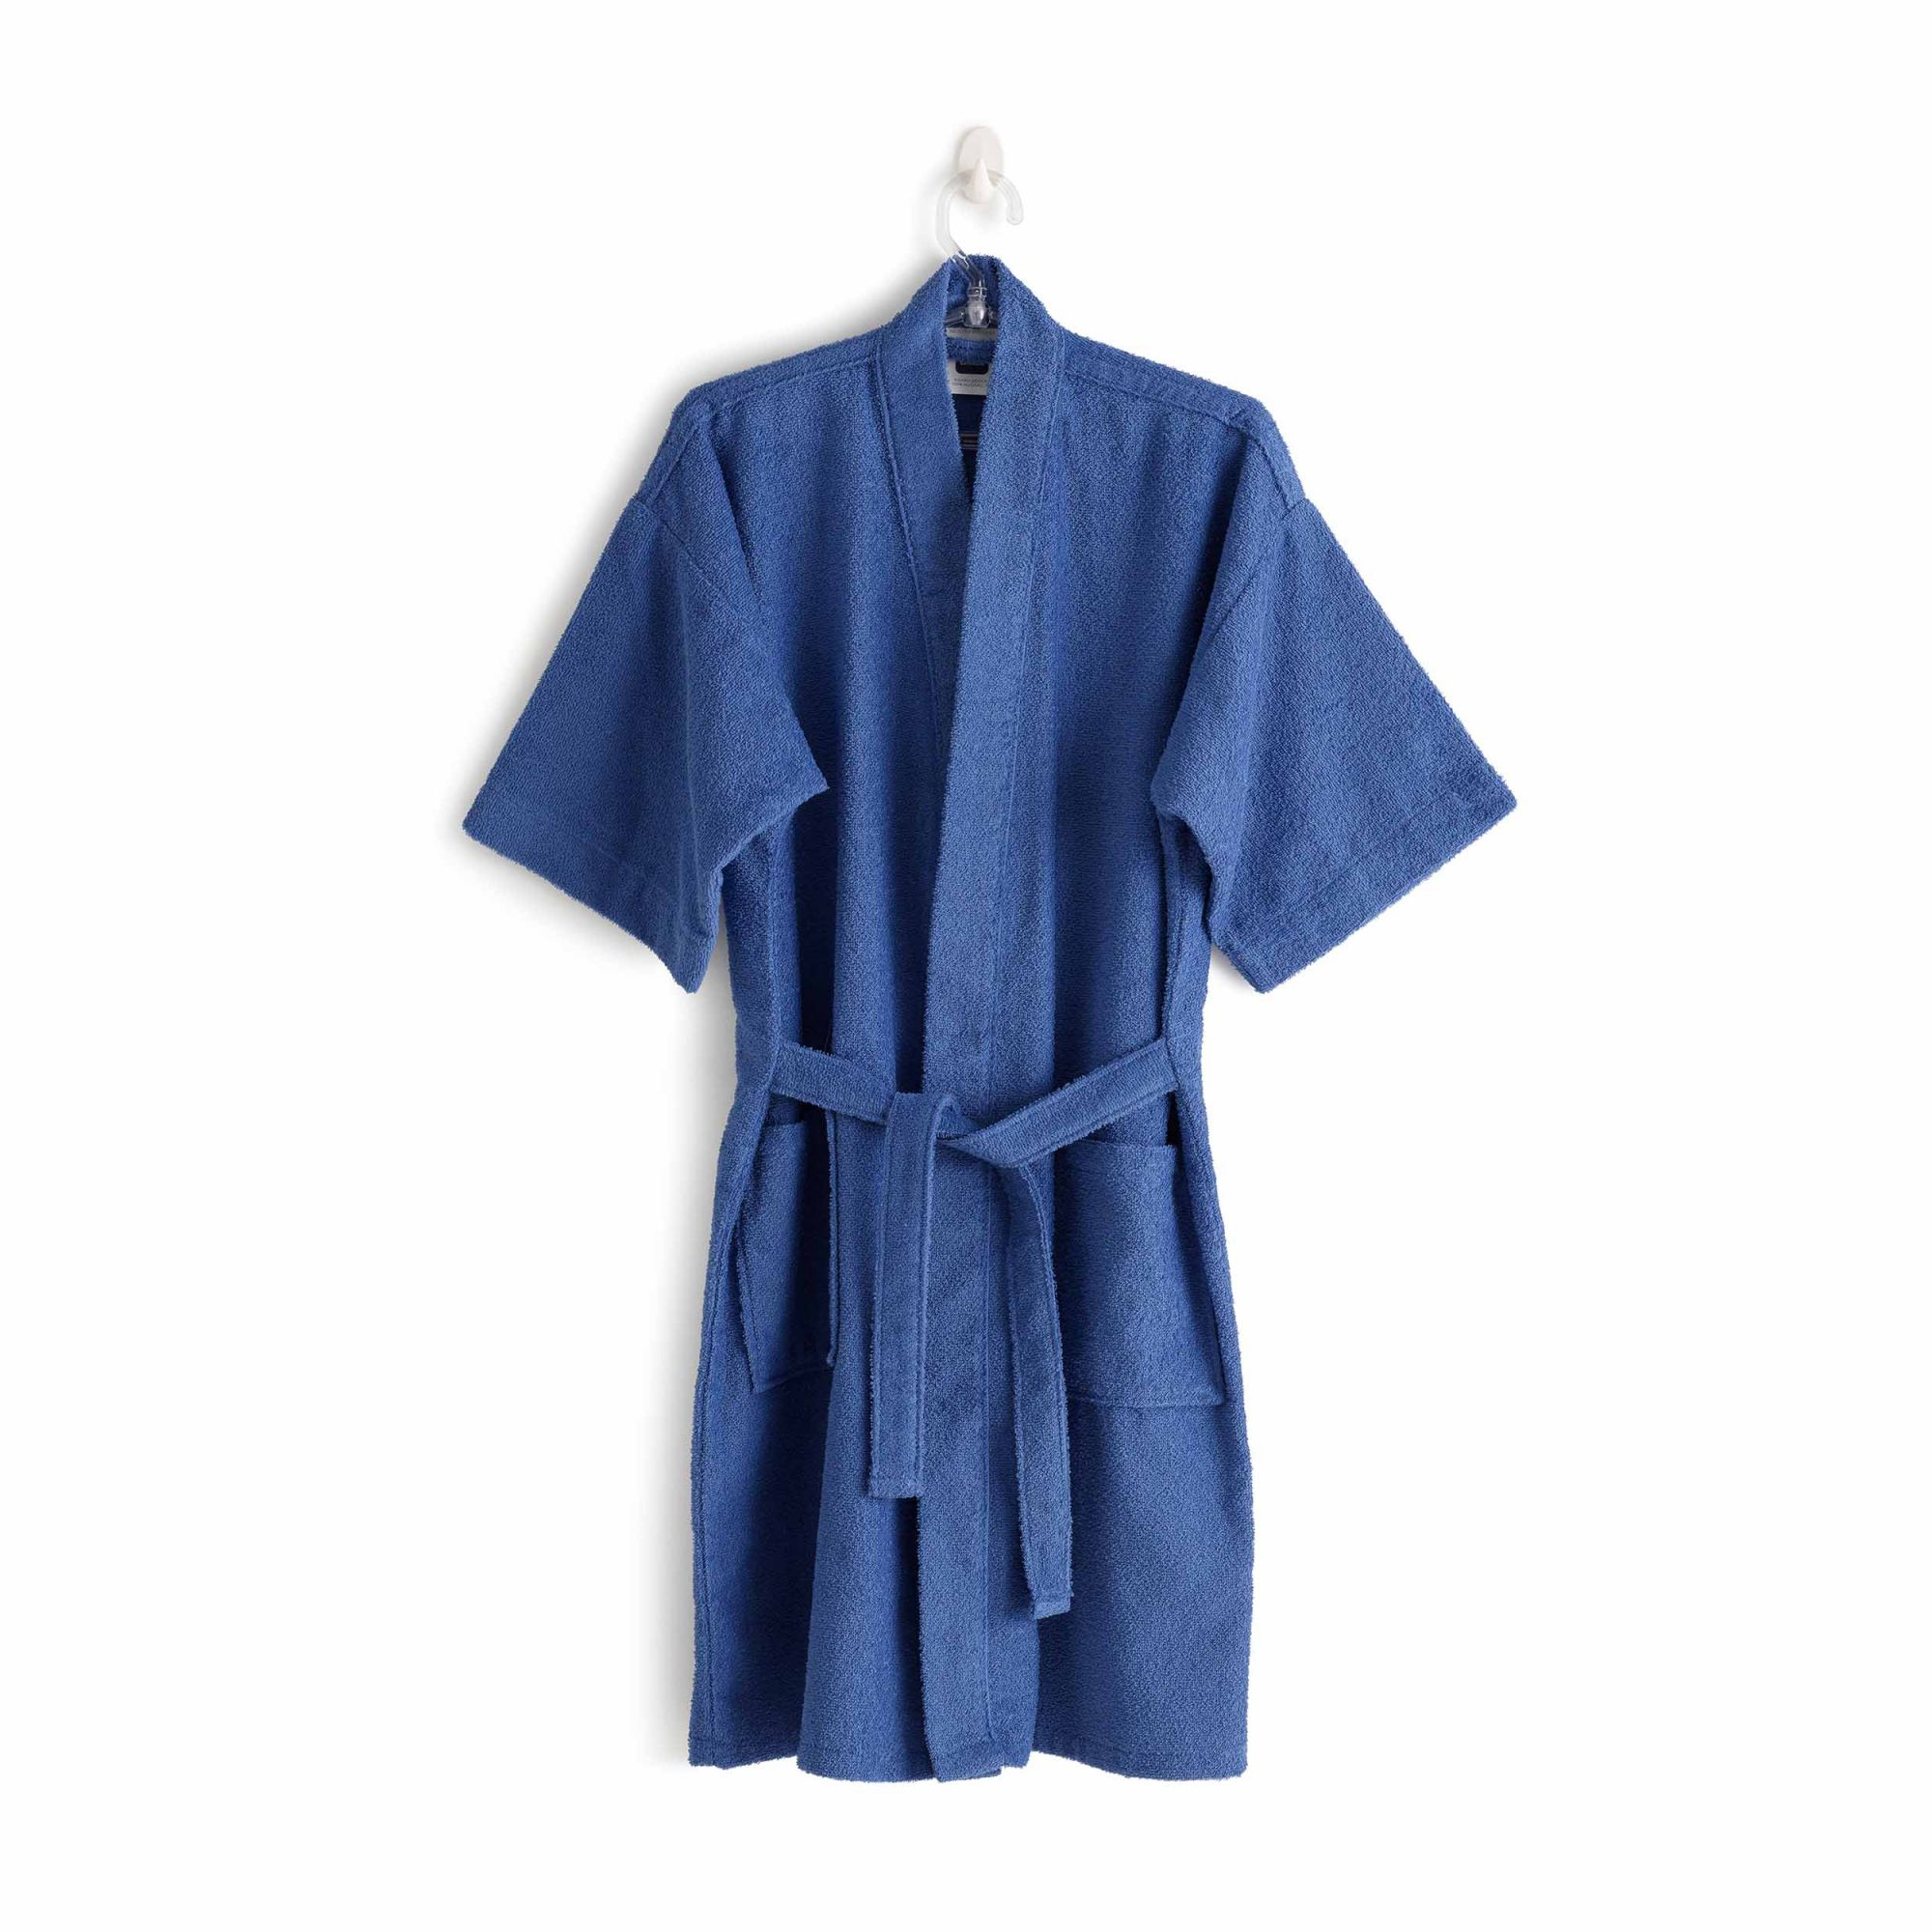 Roupão felpudo judoca santista grande 100% algodao azul indigo